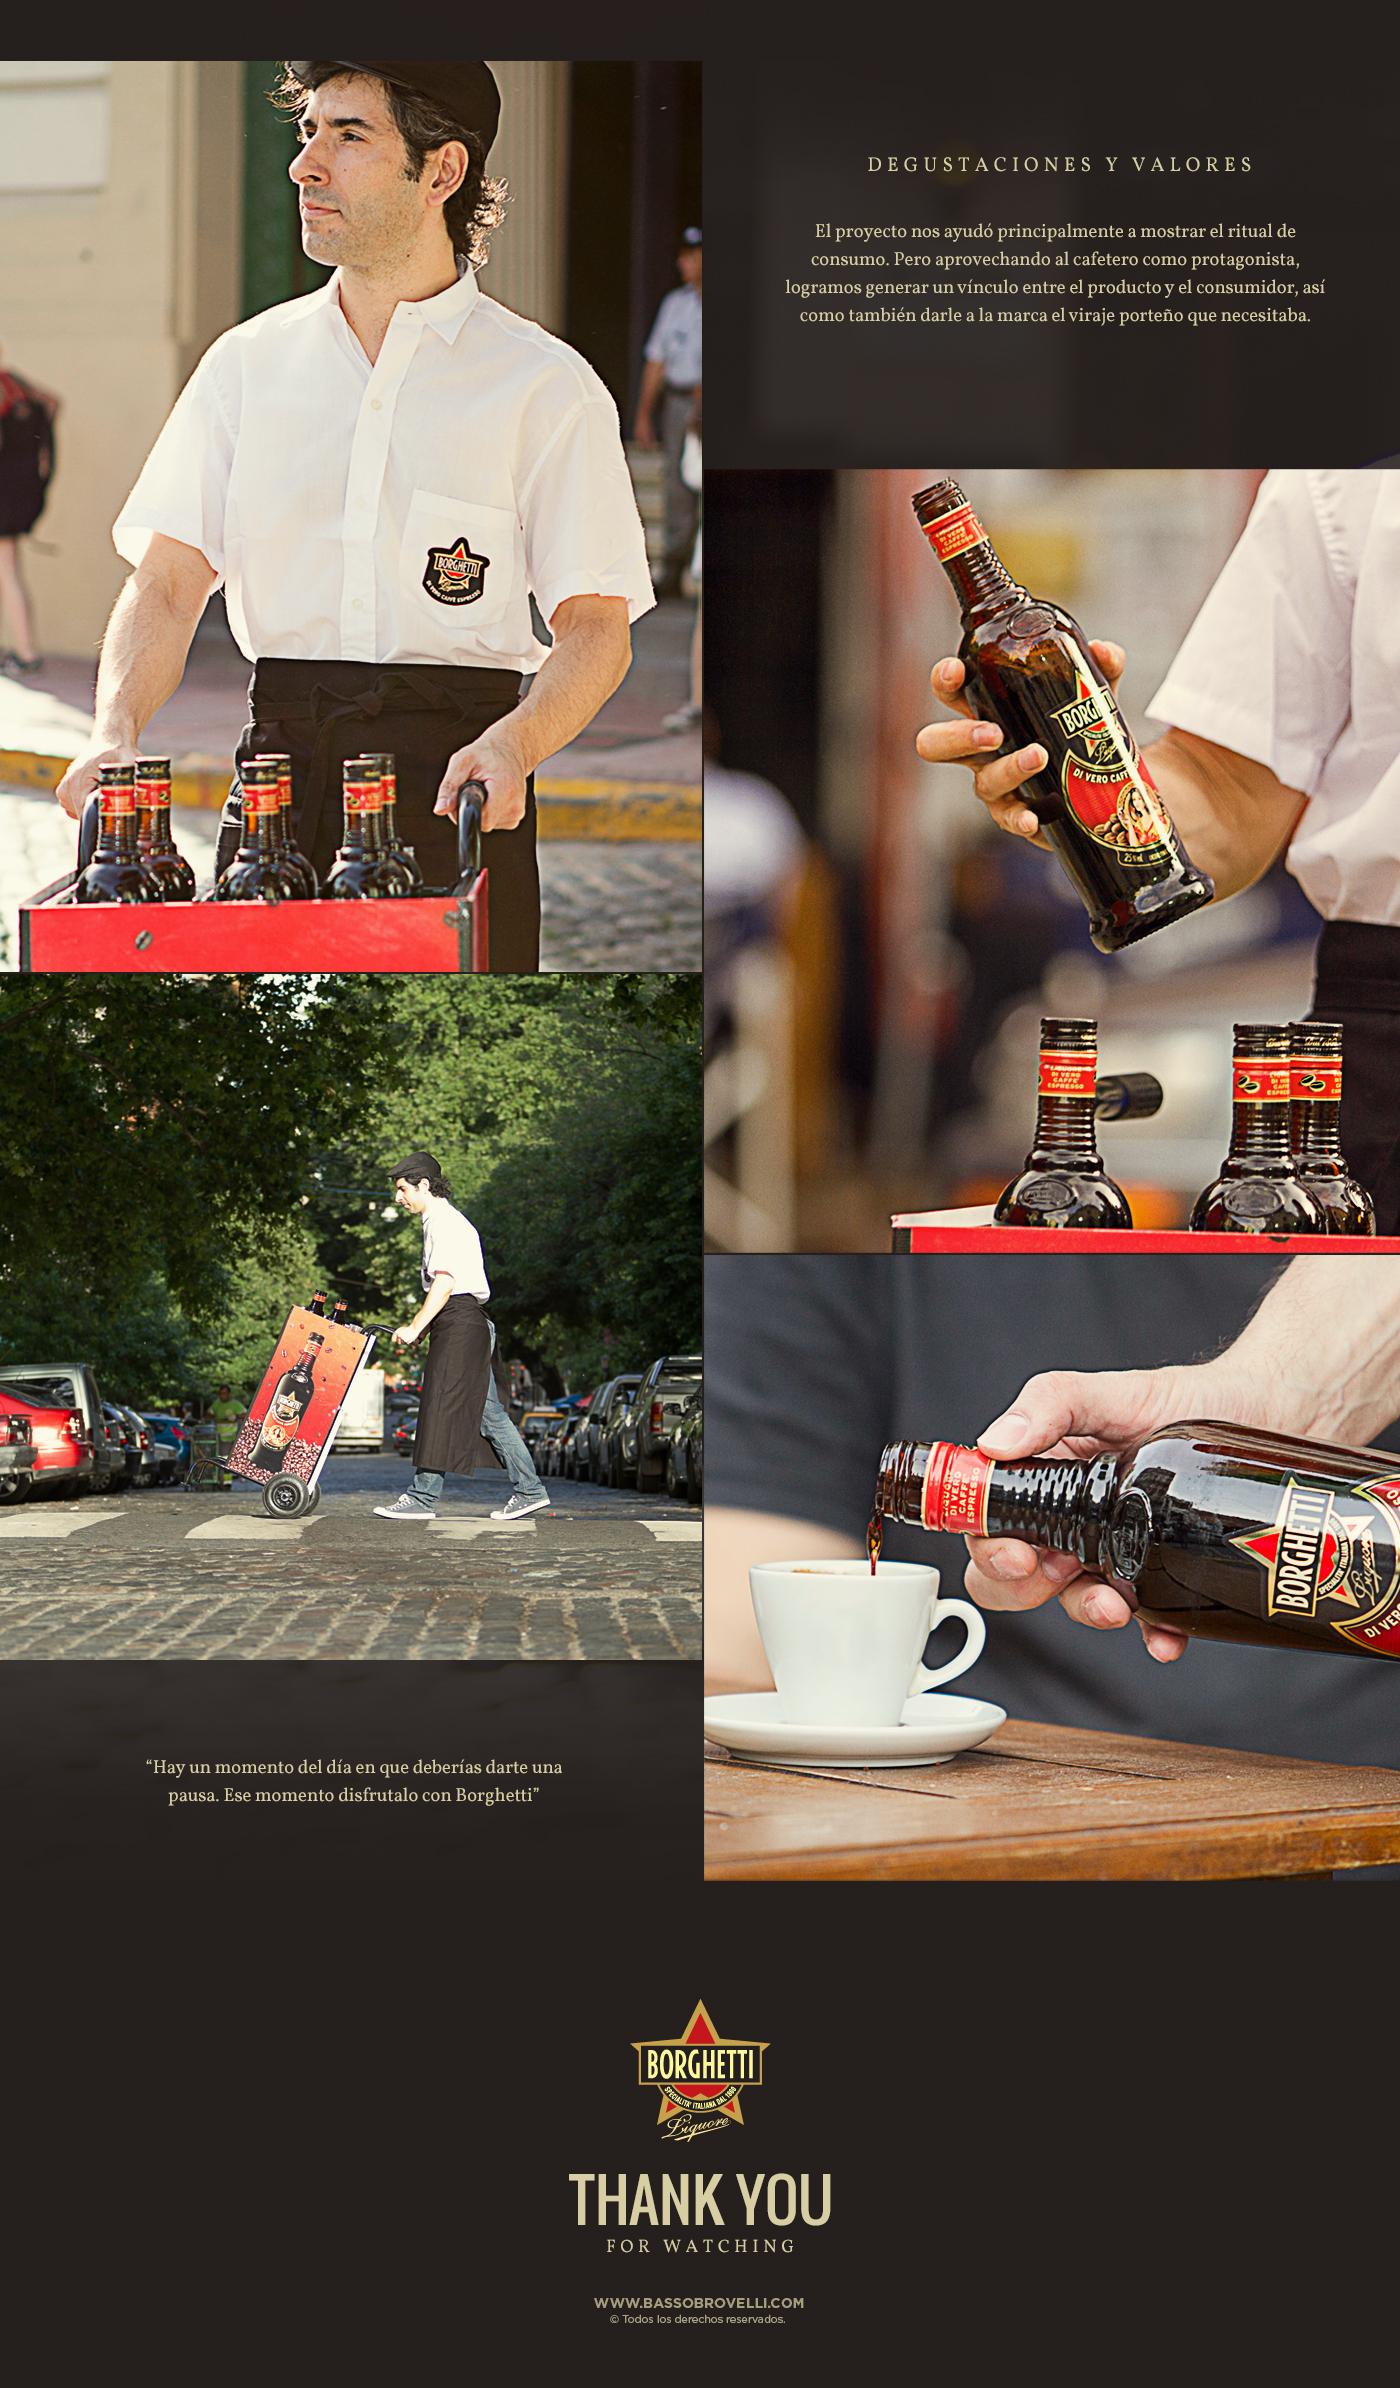 social media,Liquore Borghetti,Borghetti,Coffee,cafe,facebook,delicious,life,Placer,spirit,lifestyle,cup,Mug